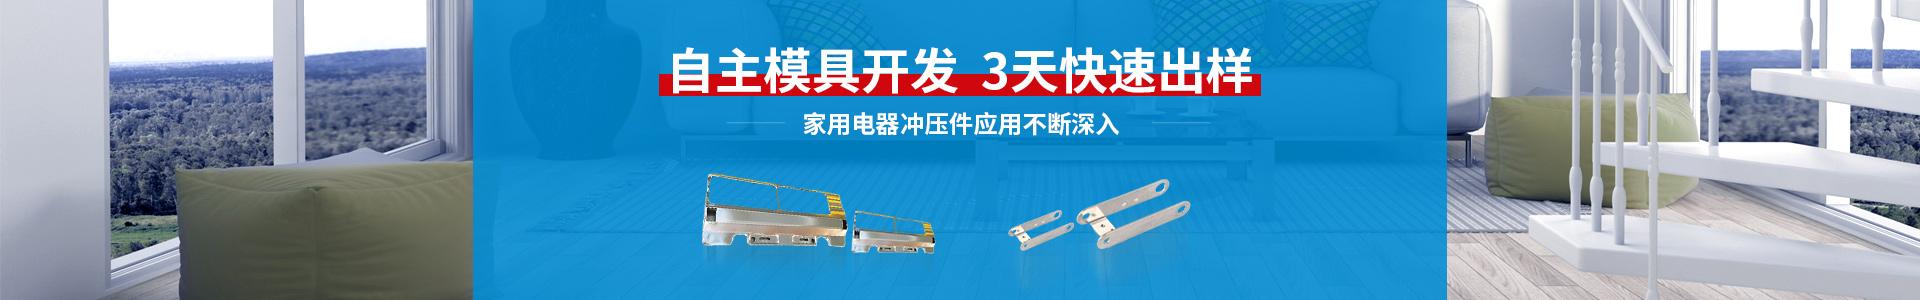 隆杰机电自主模具开发,3天快速出样,家用电器冲压件应用不断深入